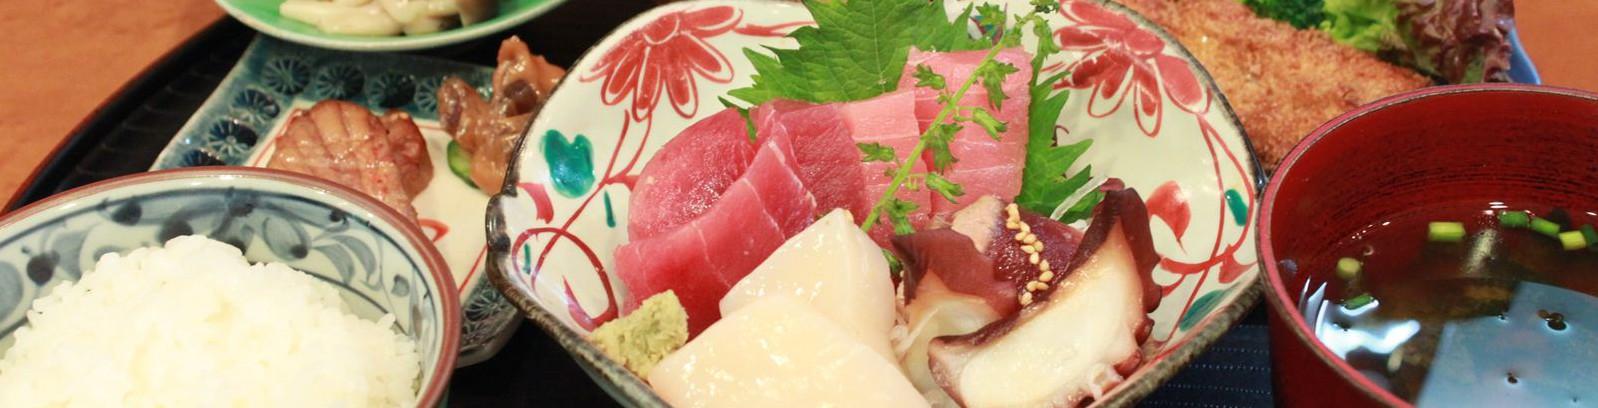 三崎のマグロや地魚をゆったりと楽しめる小料理屋 浜町 神港